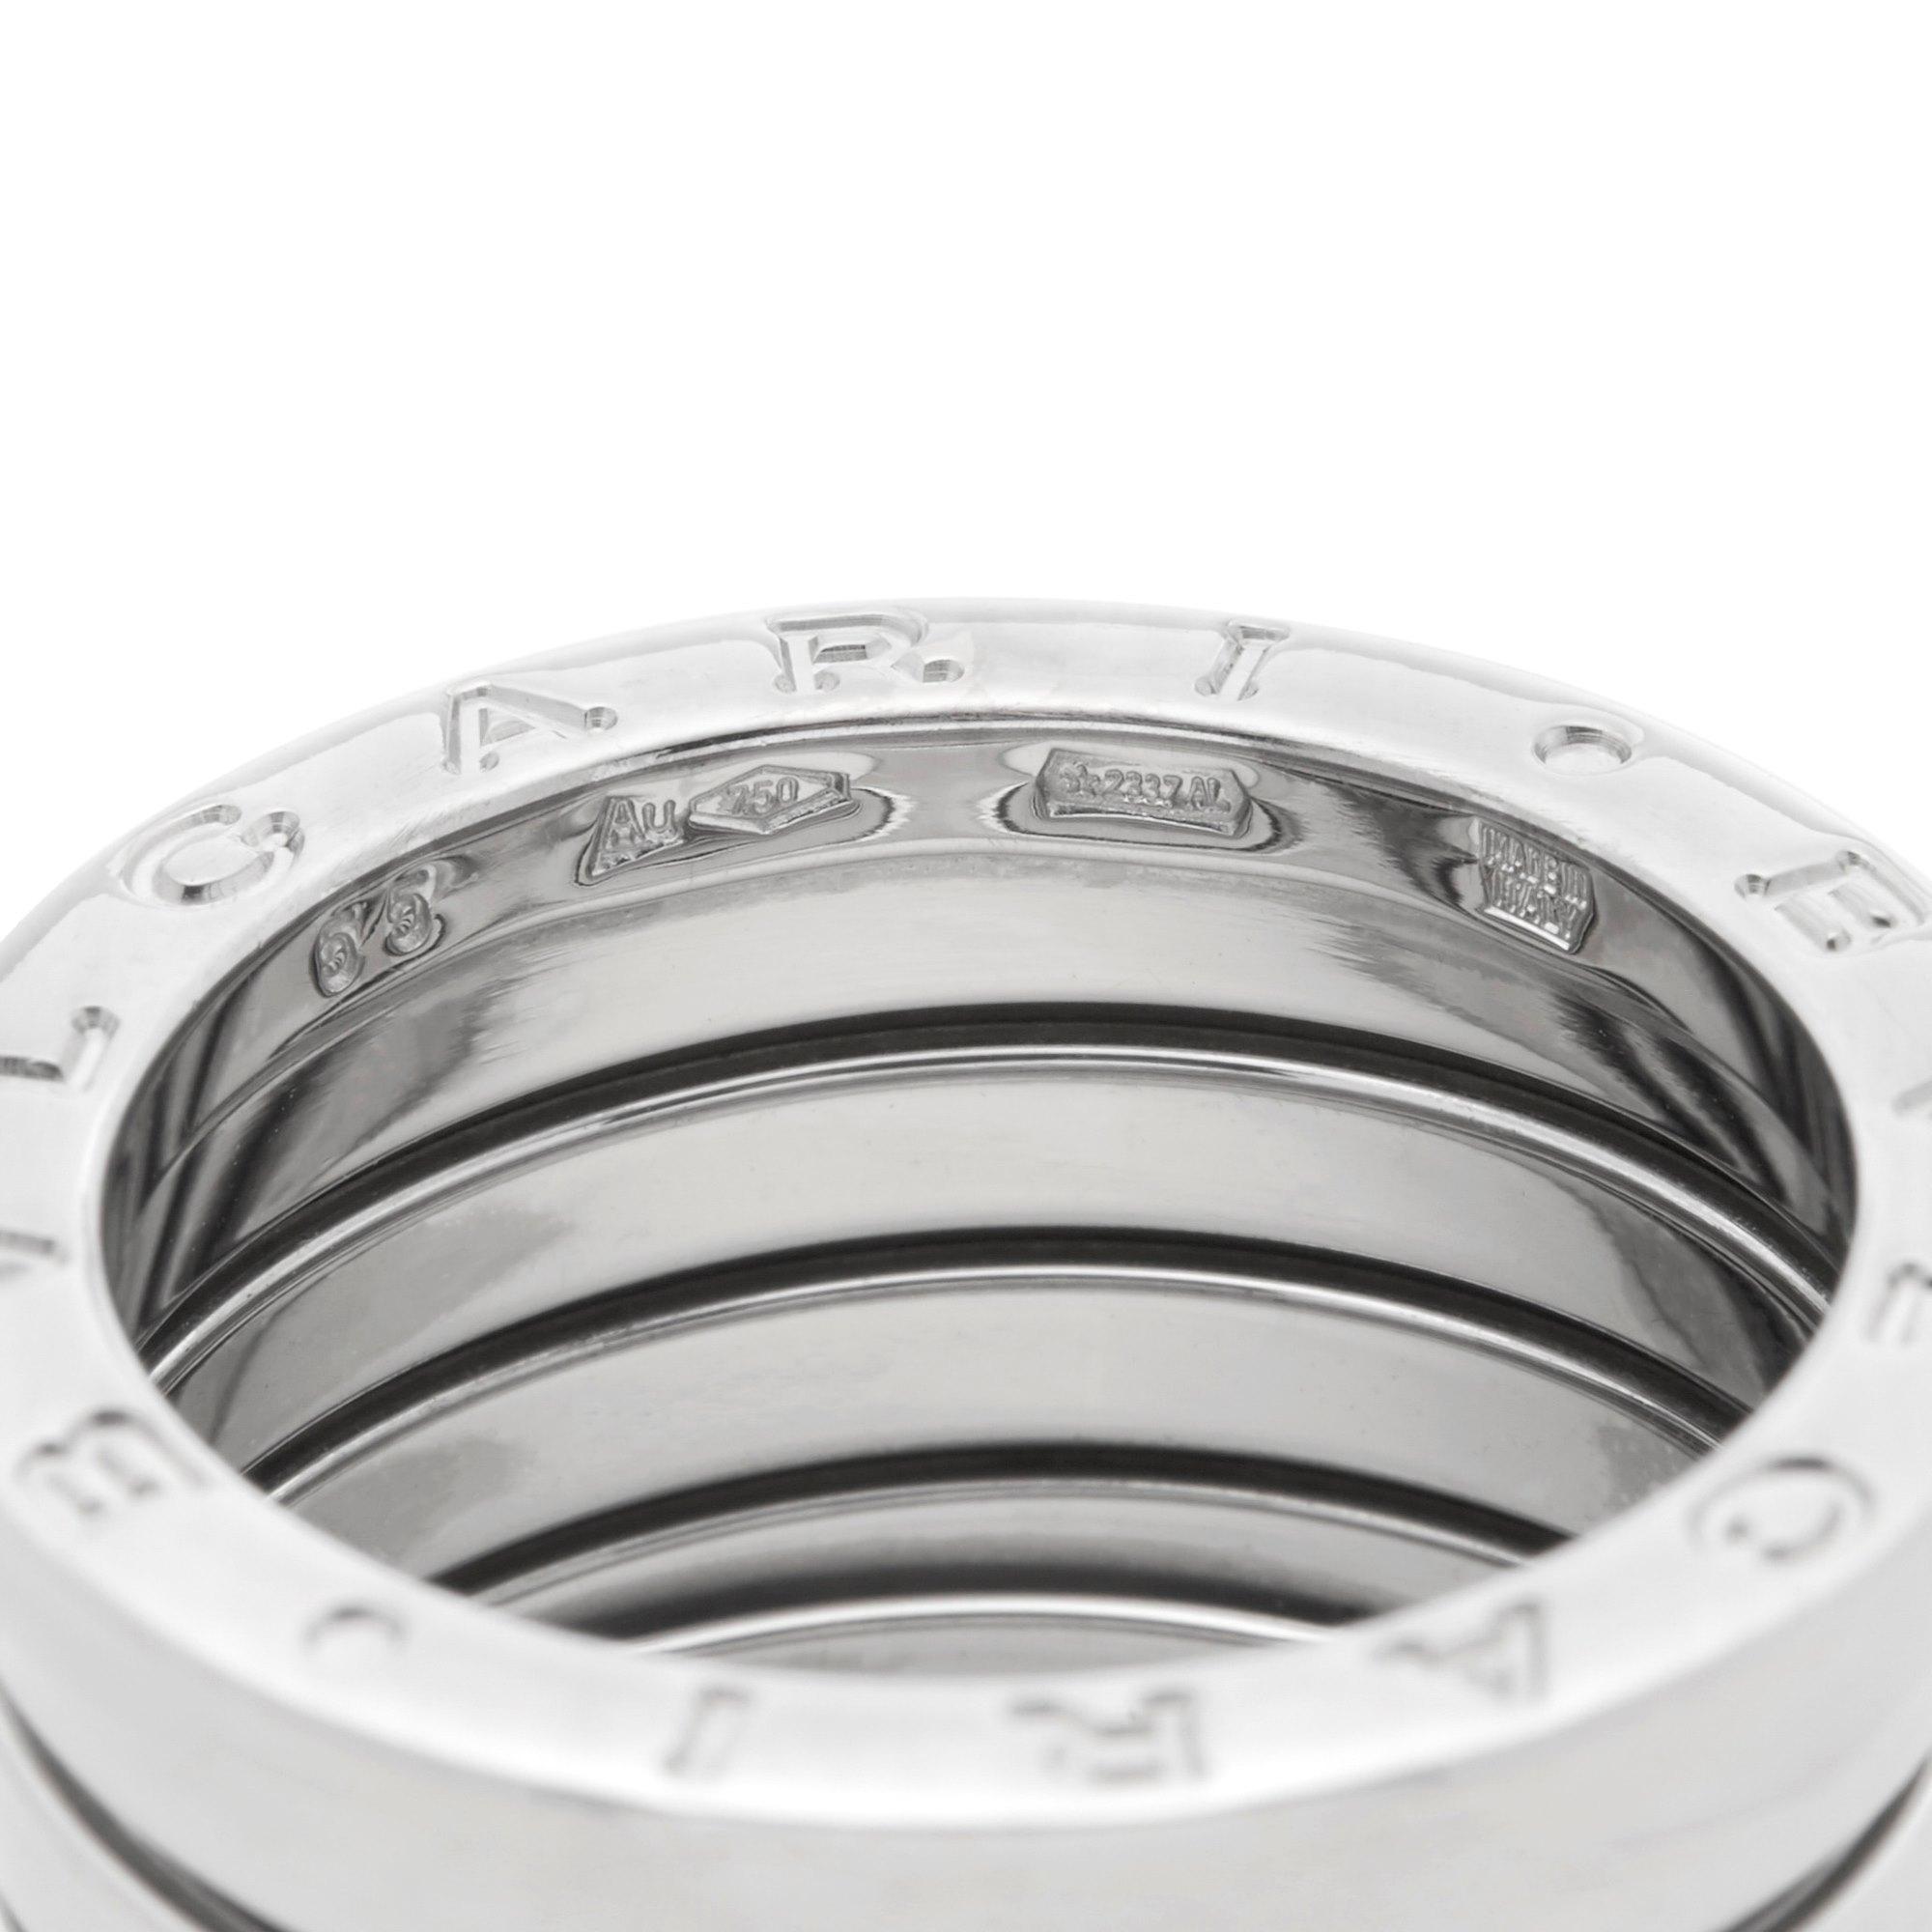 Bulgari 18k White Gold 5 Band B.Zero 1 Ring